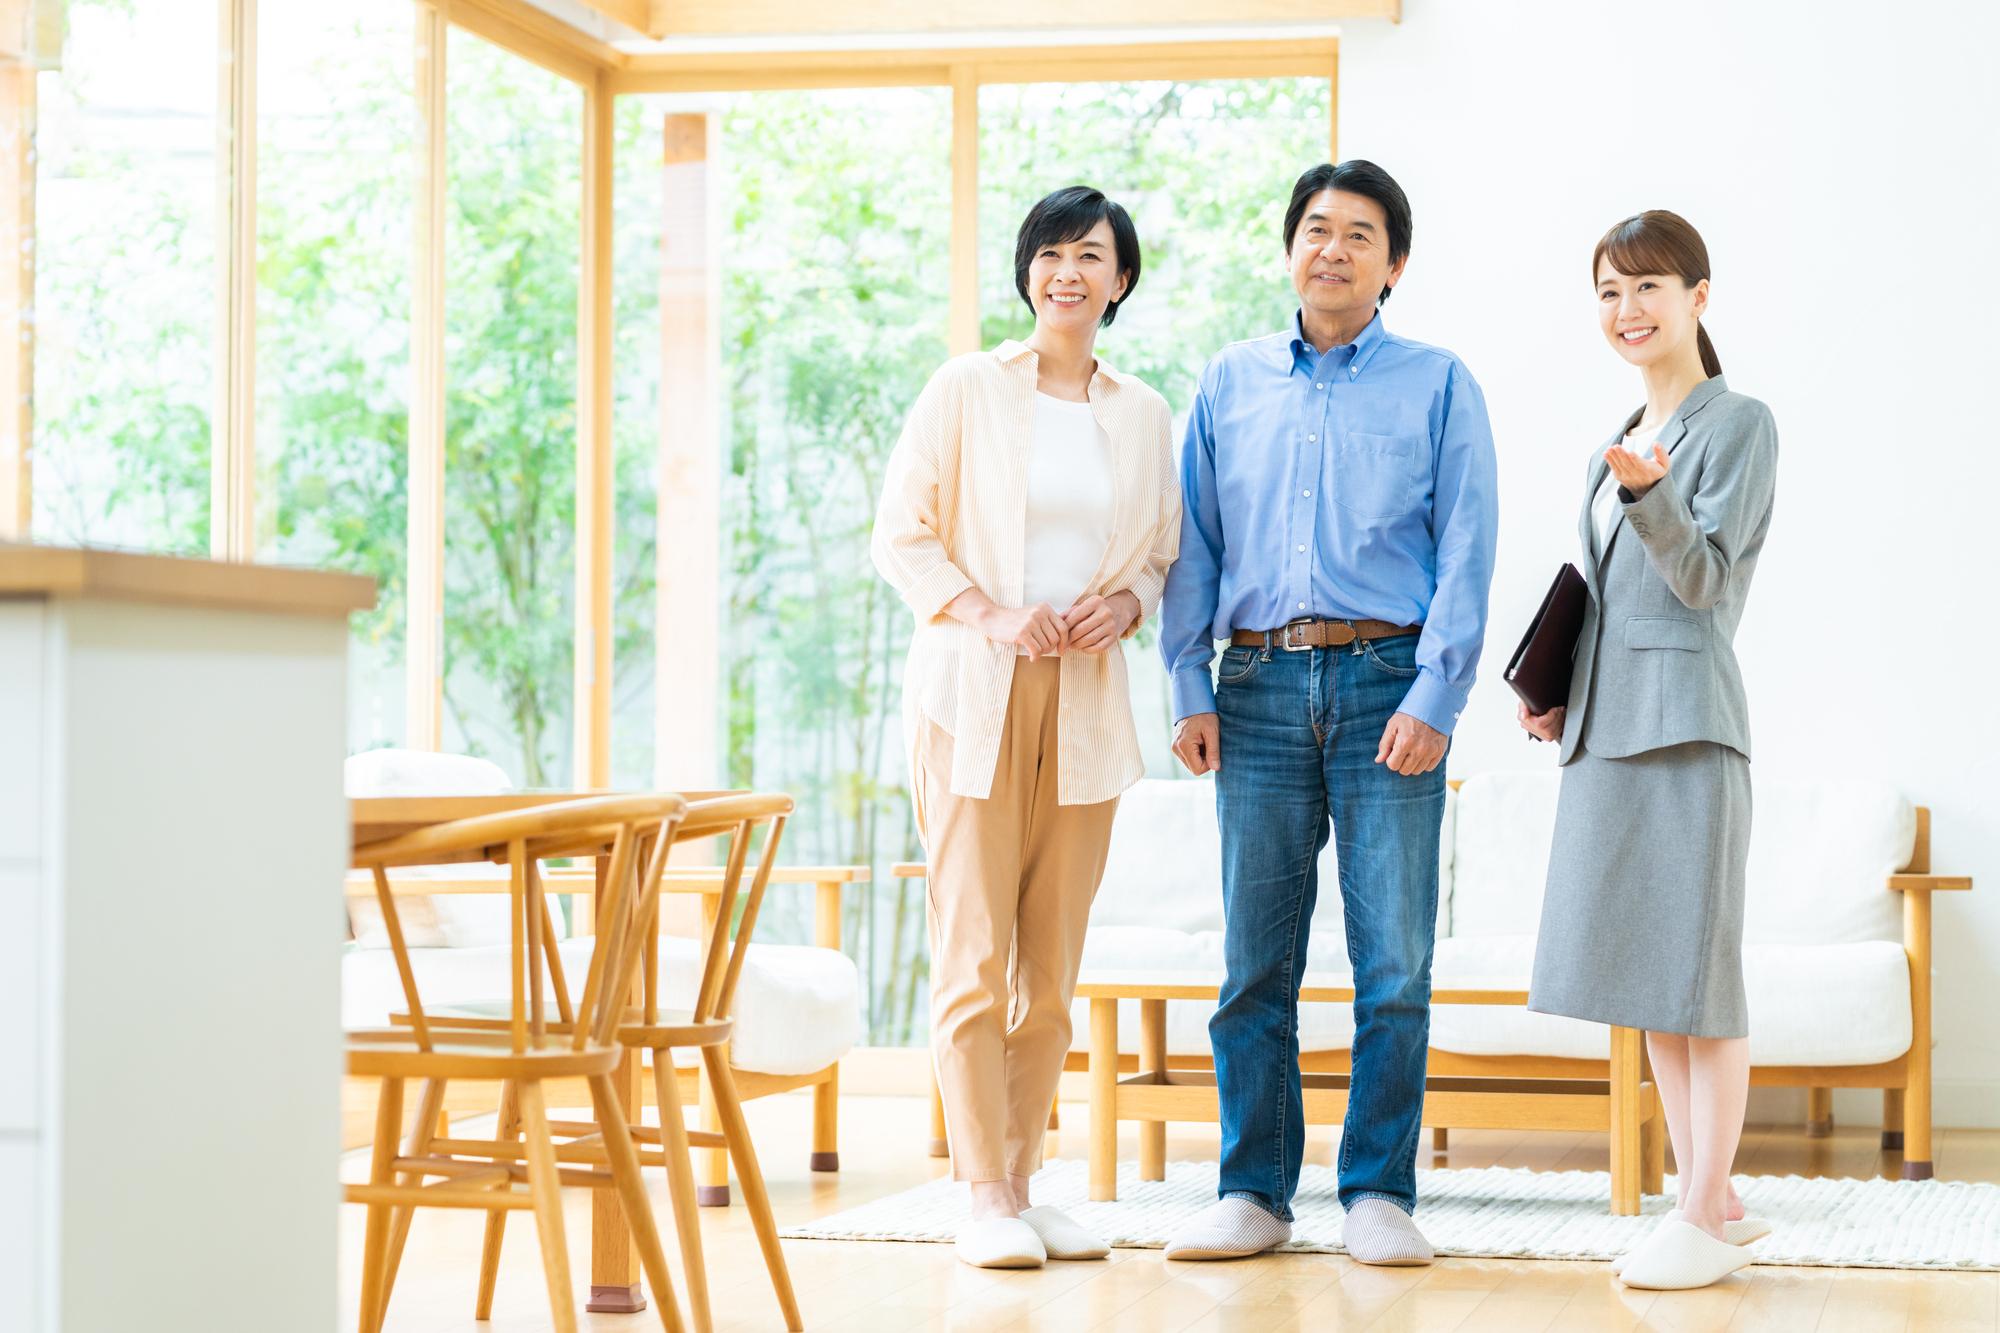 新築住宅の建築や購入でグリーン住宅ポイントがもらえるかも!条件・ポイント数・申請方法を解説